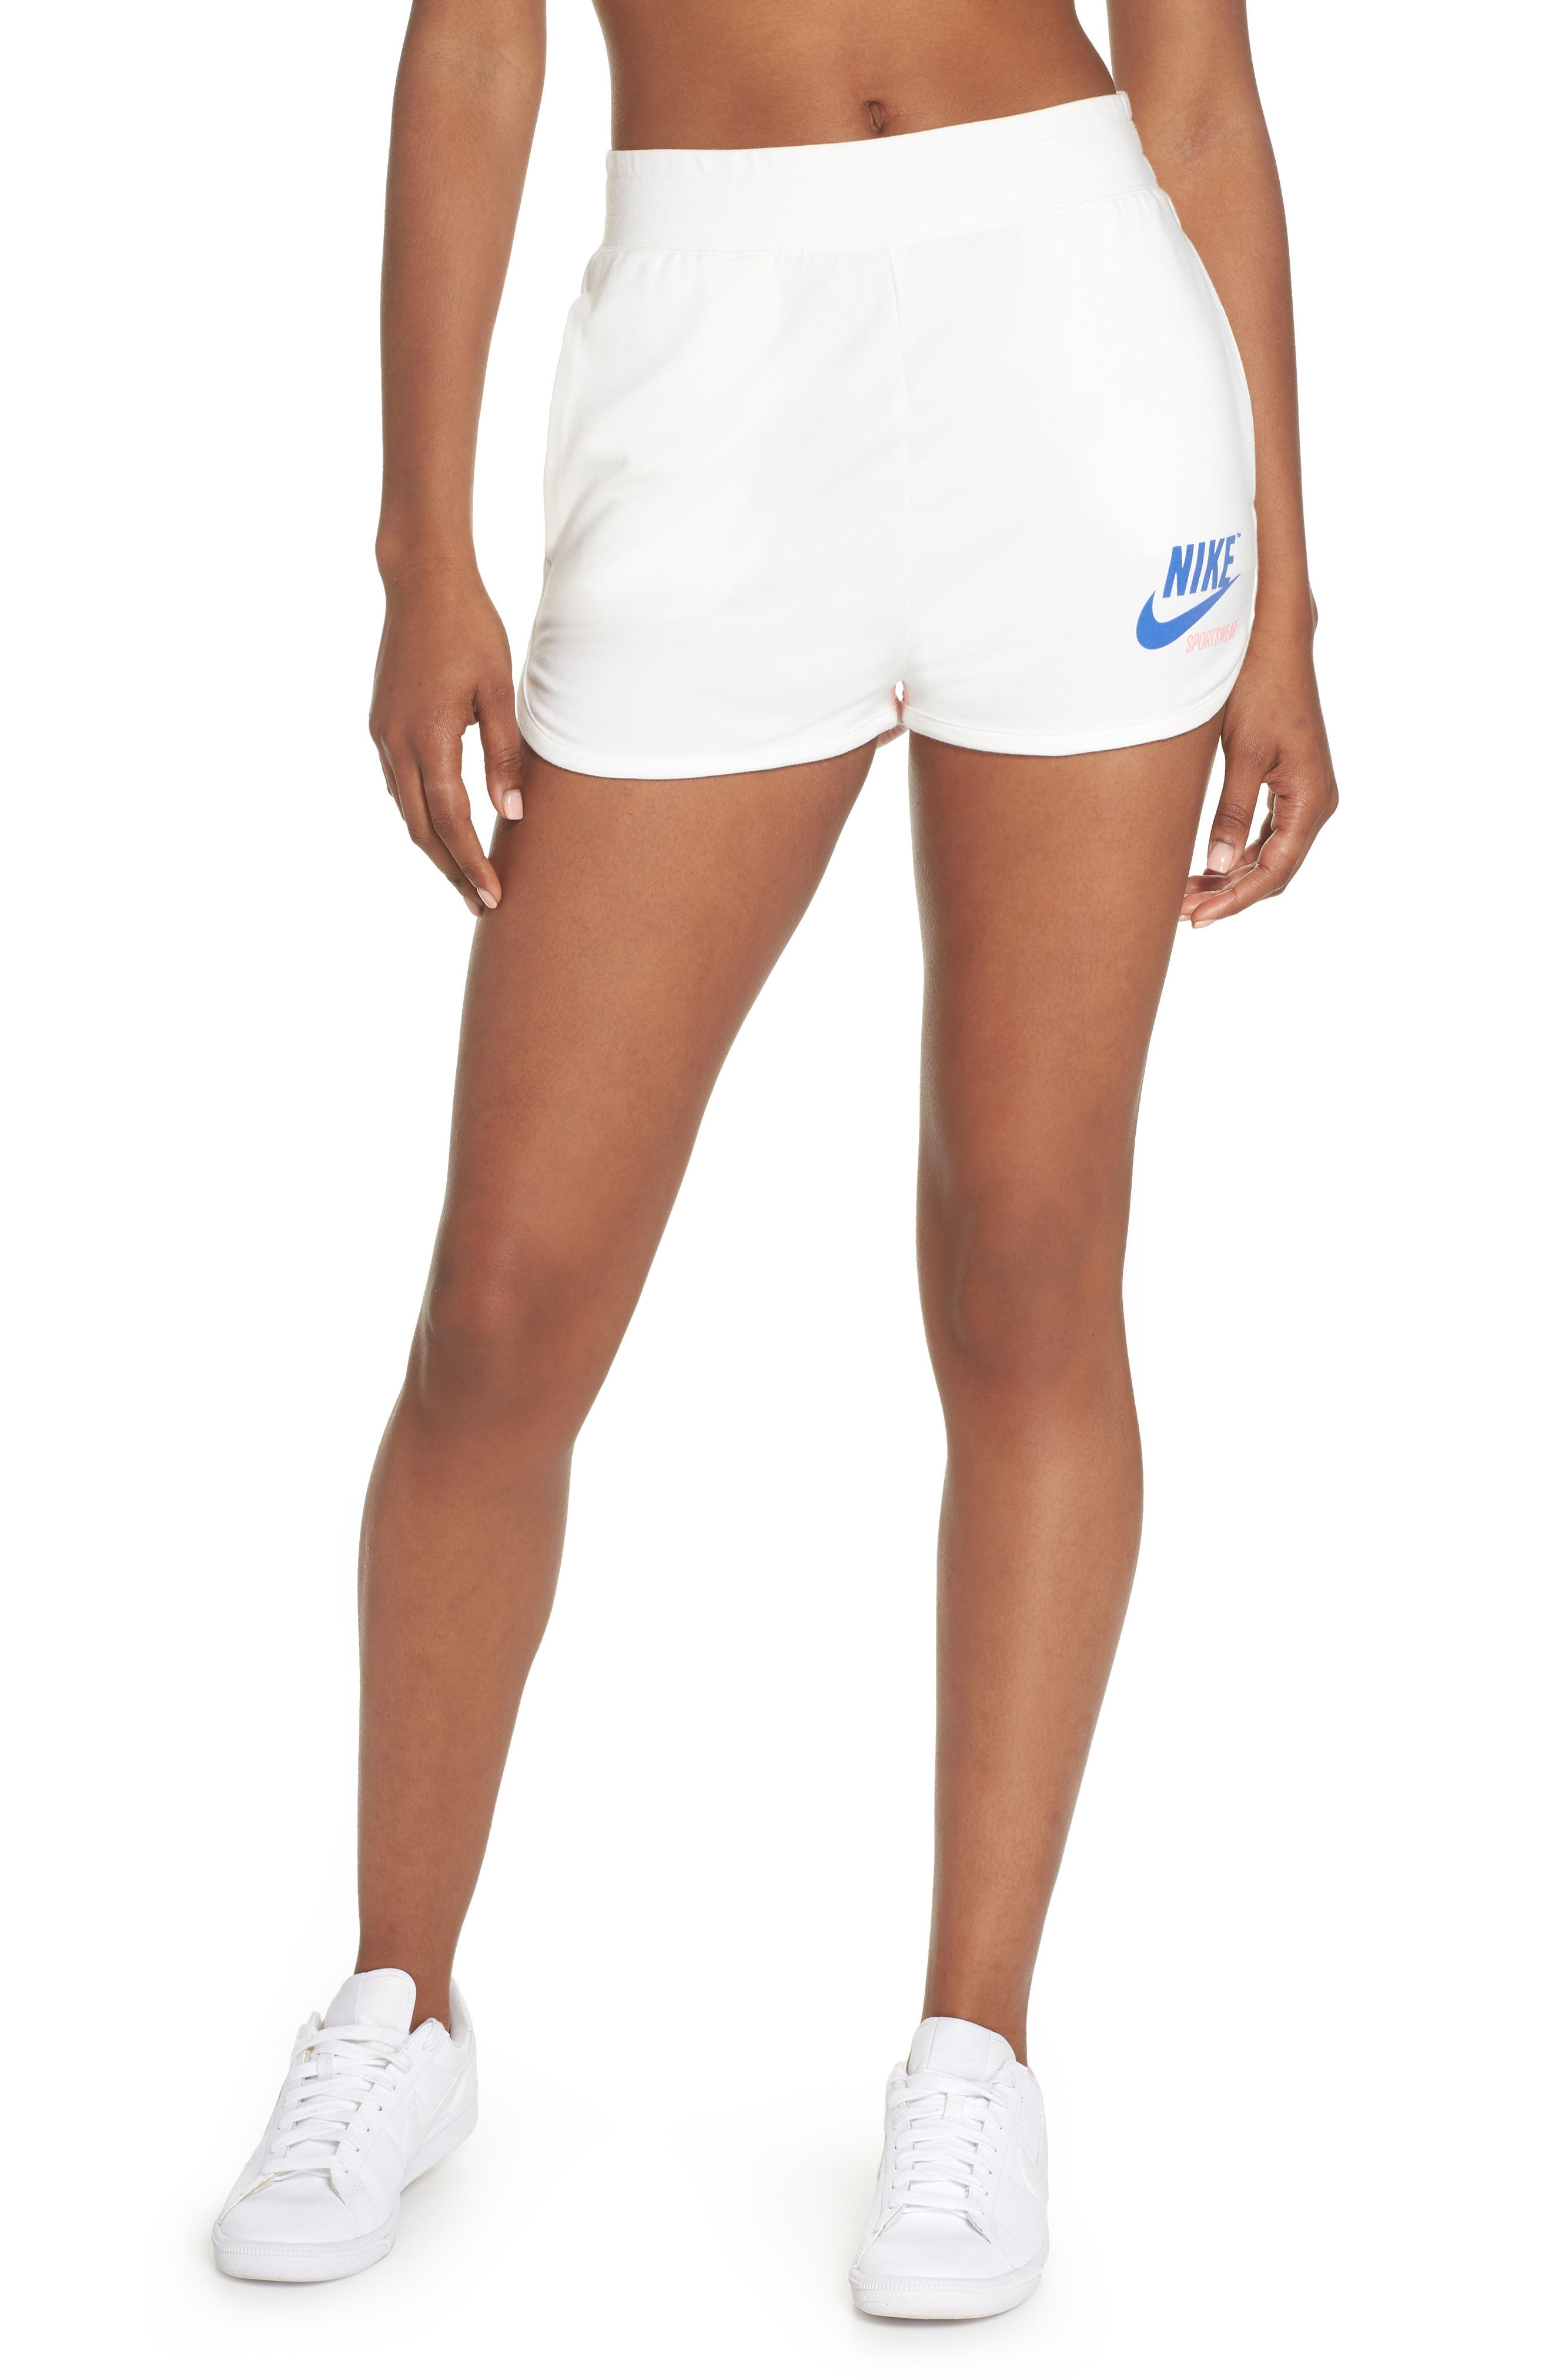 NIKE Sportswear High Waist Archive Shorts, Main, color, 900